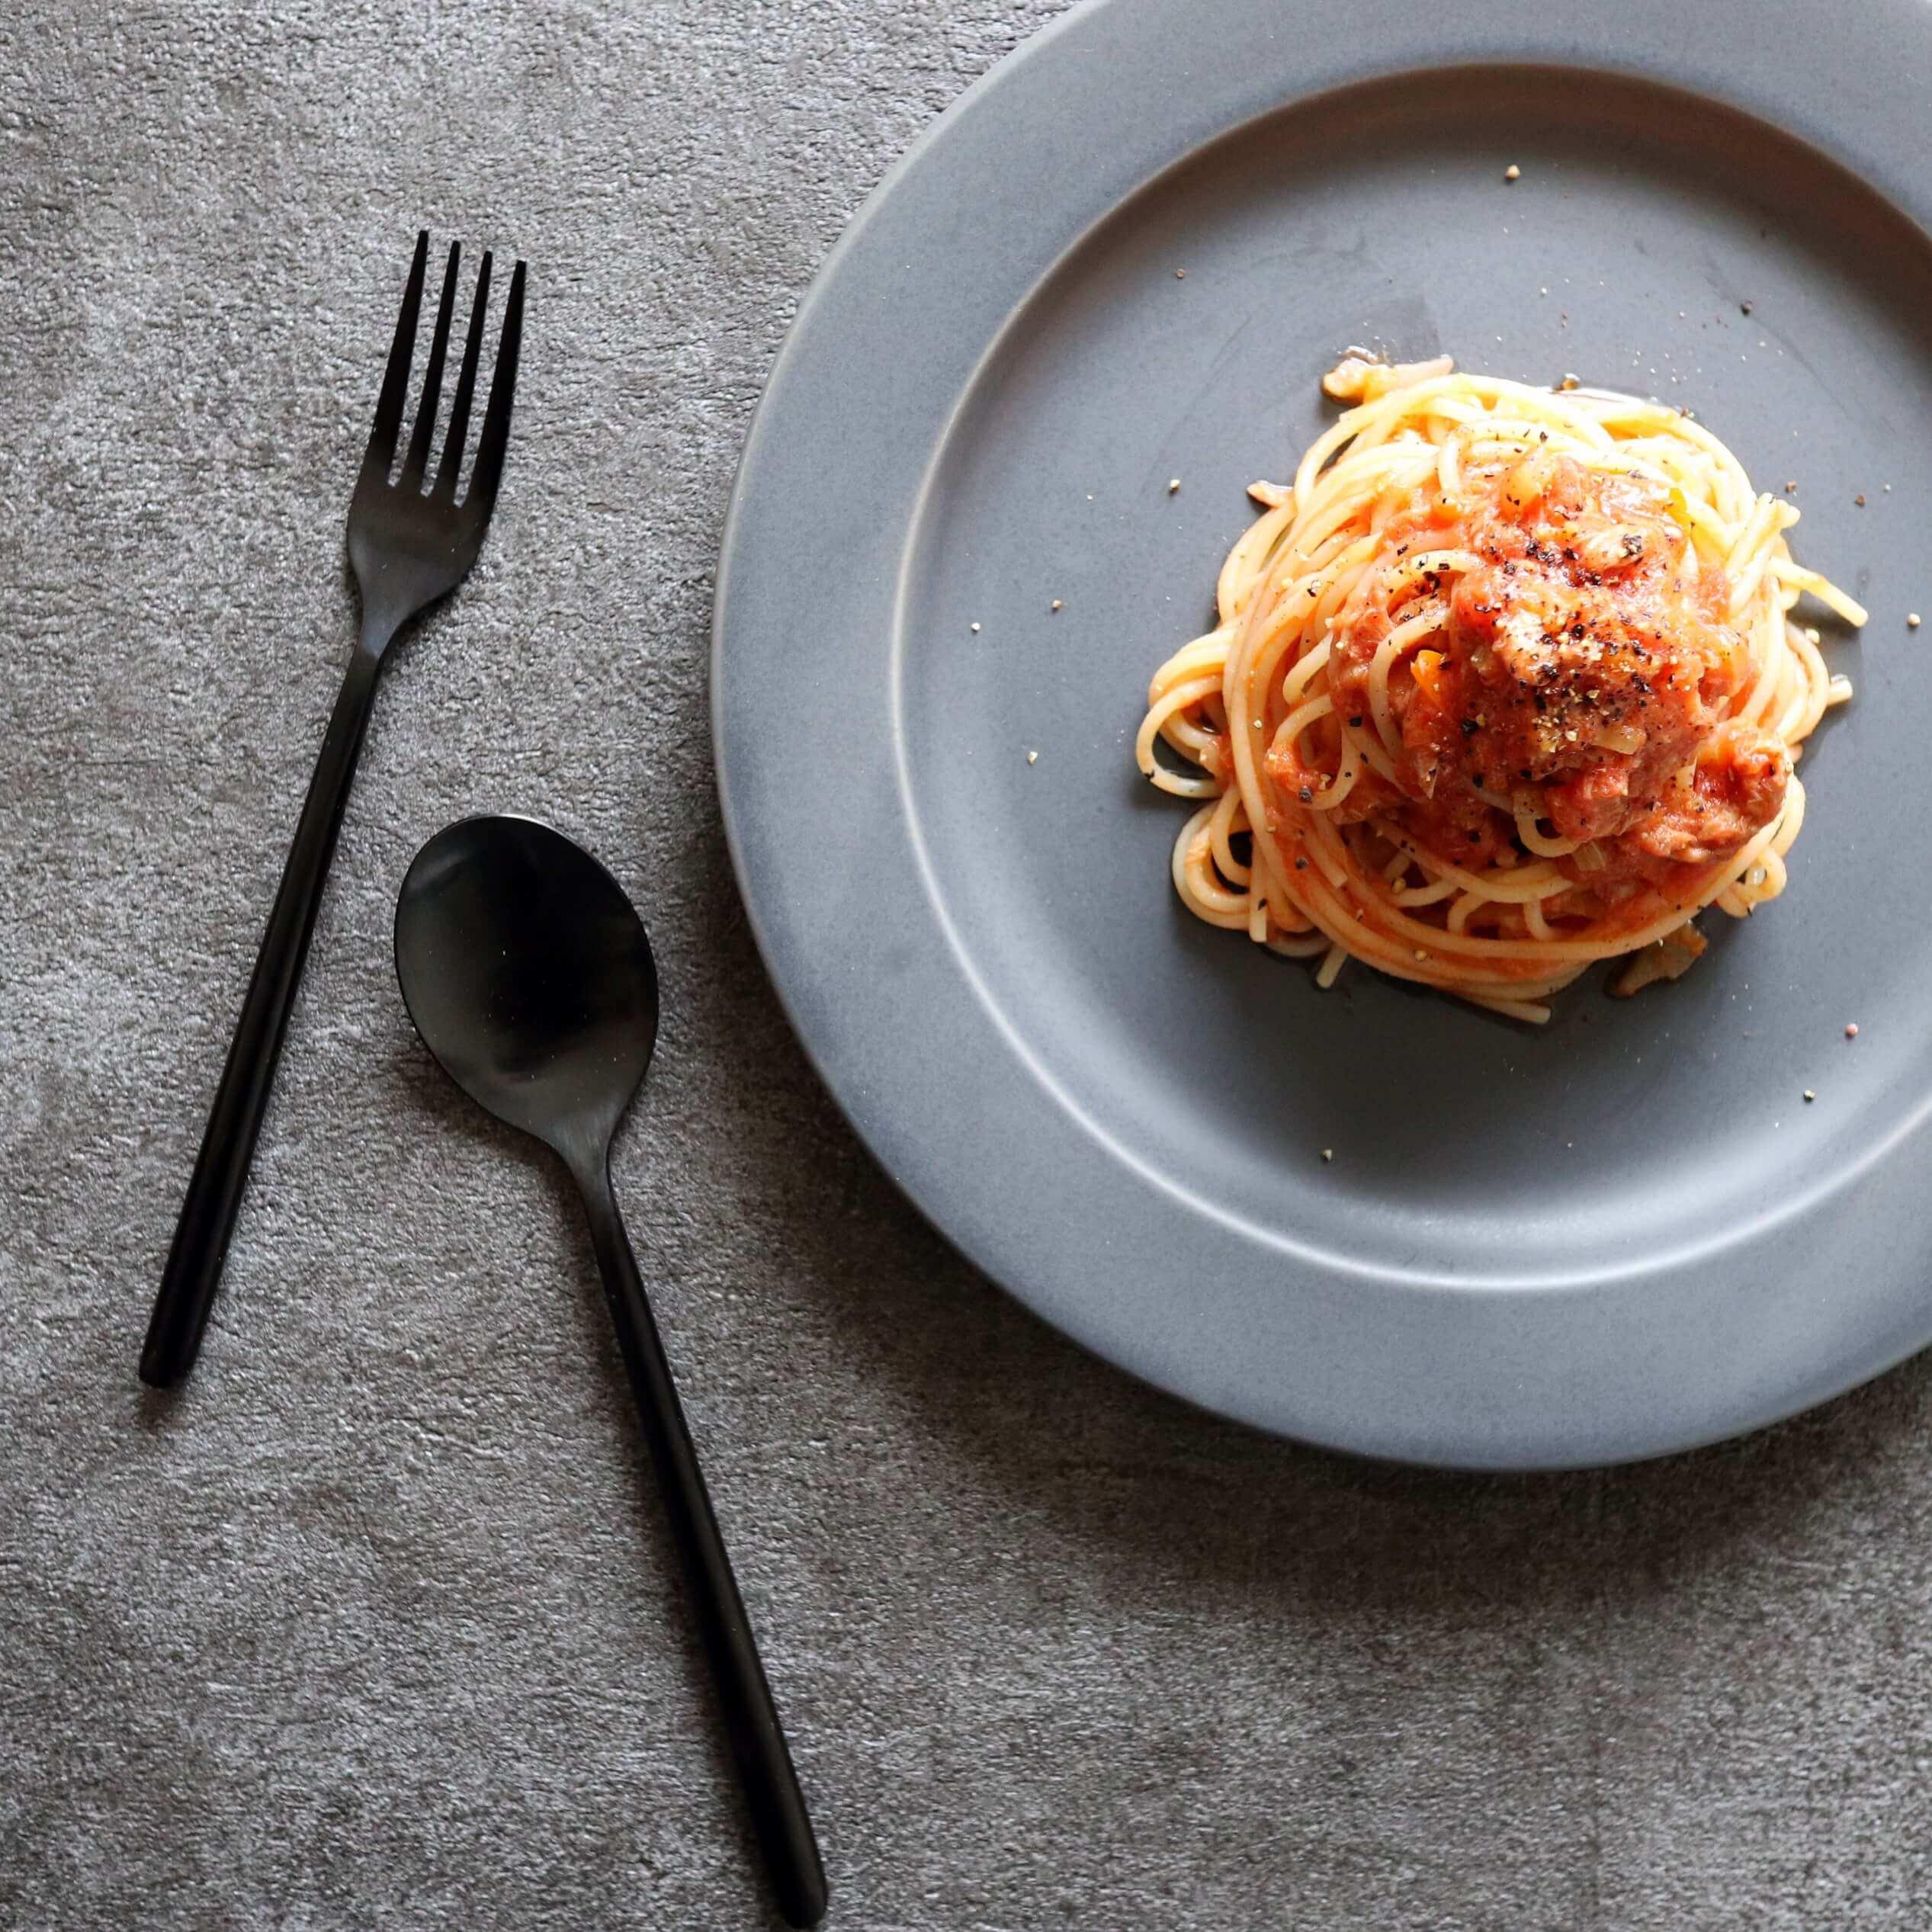 【絶品!】金柑とツナのトマトパスタのレシピ